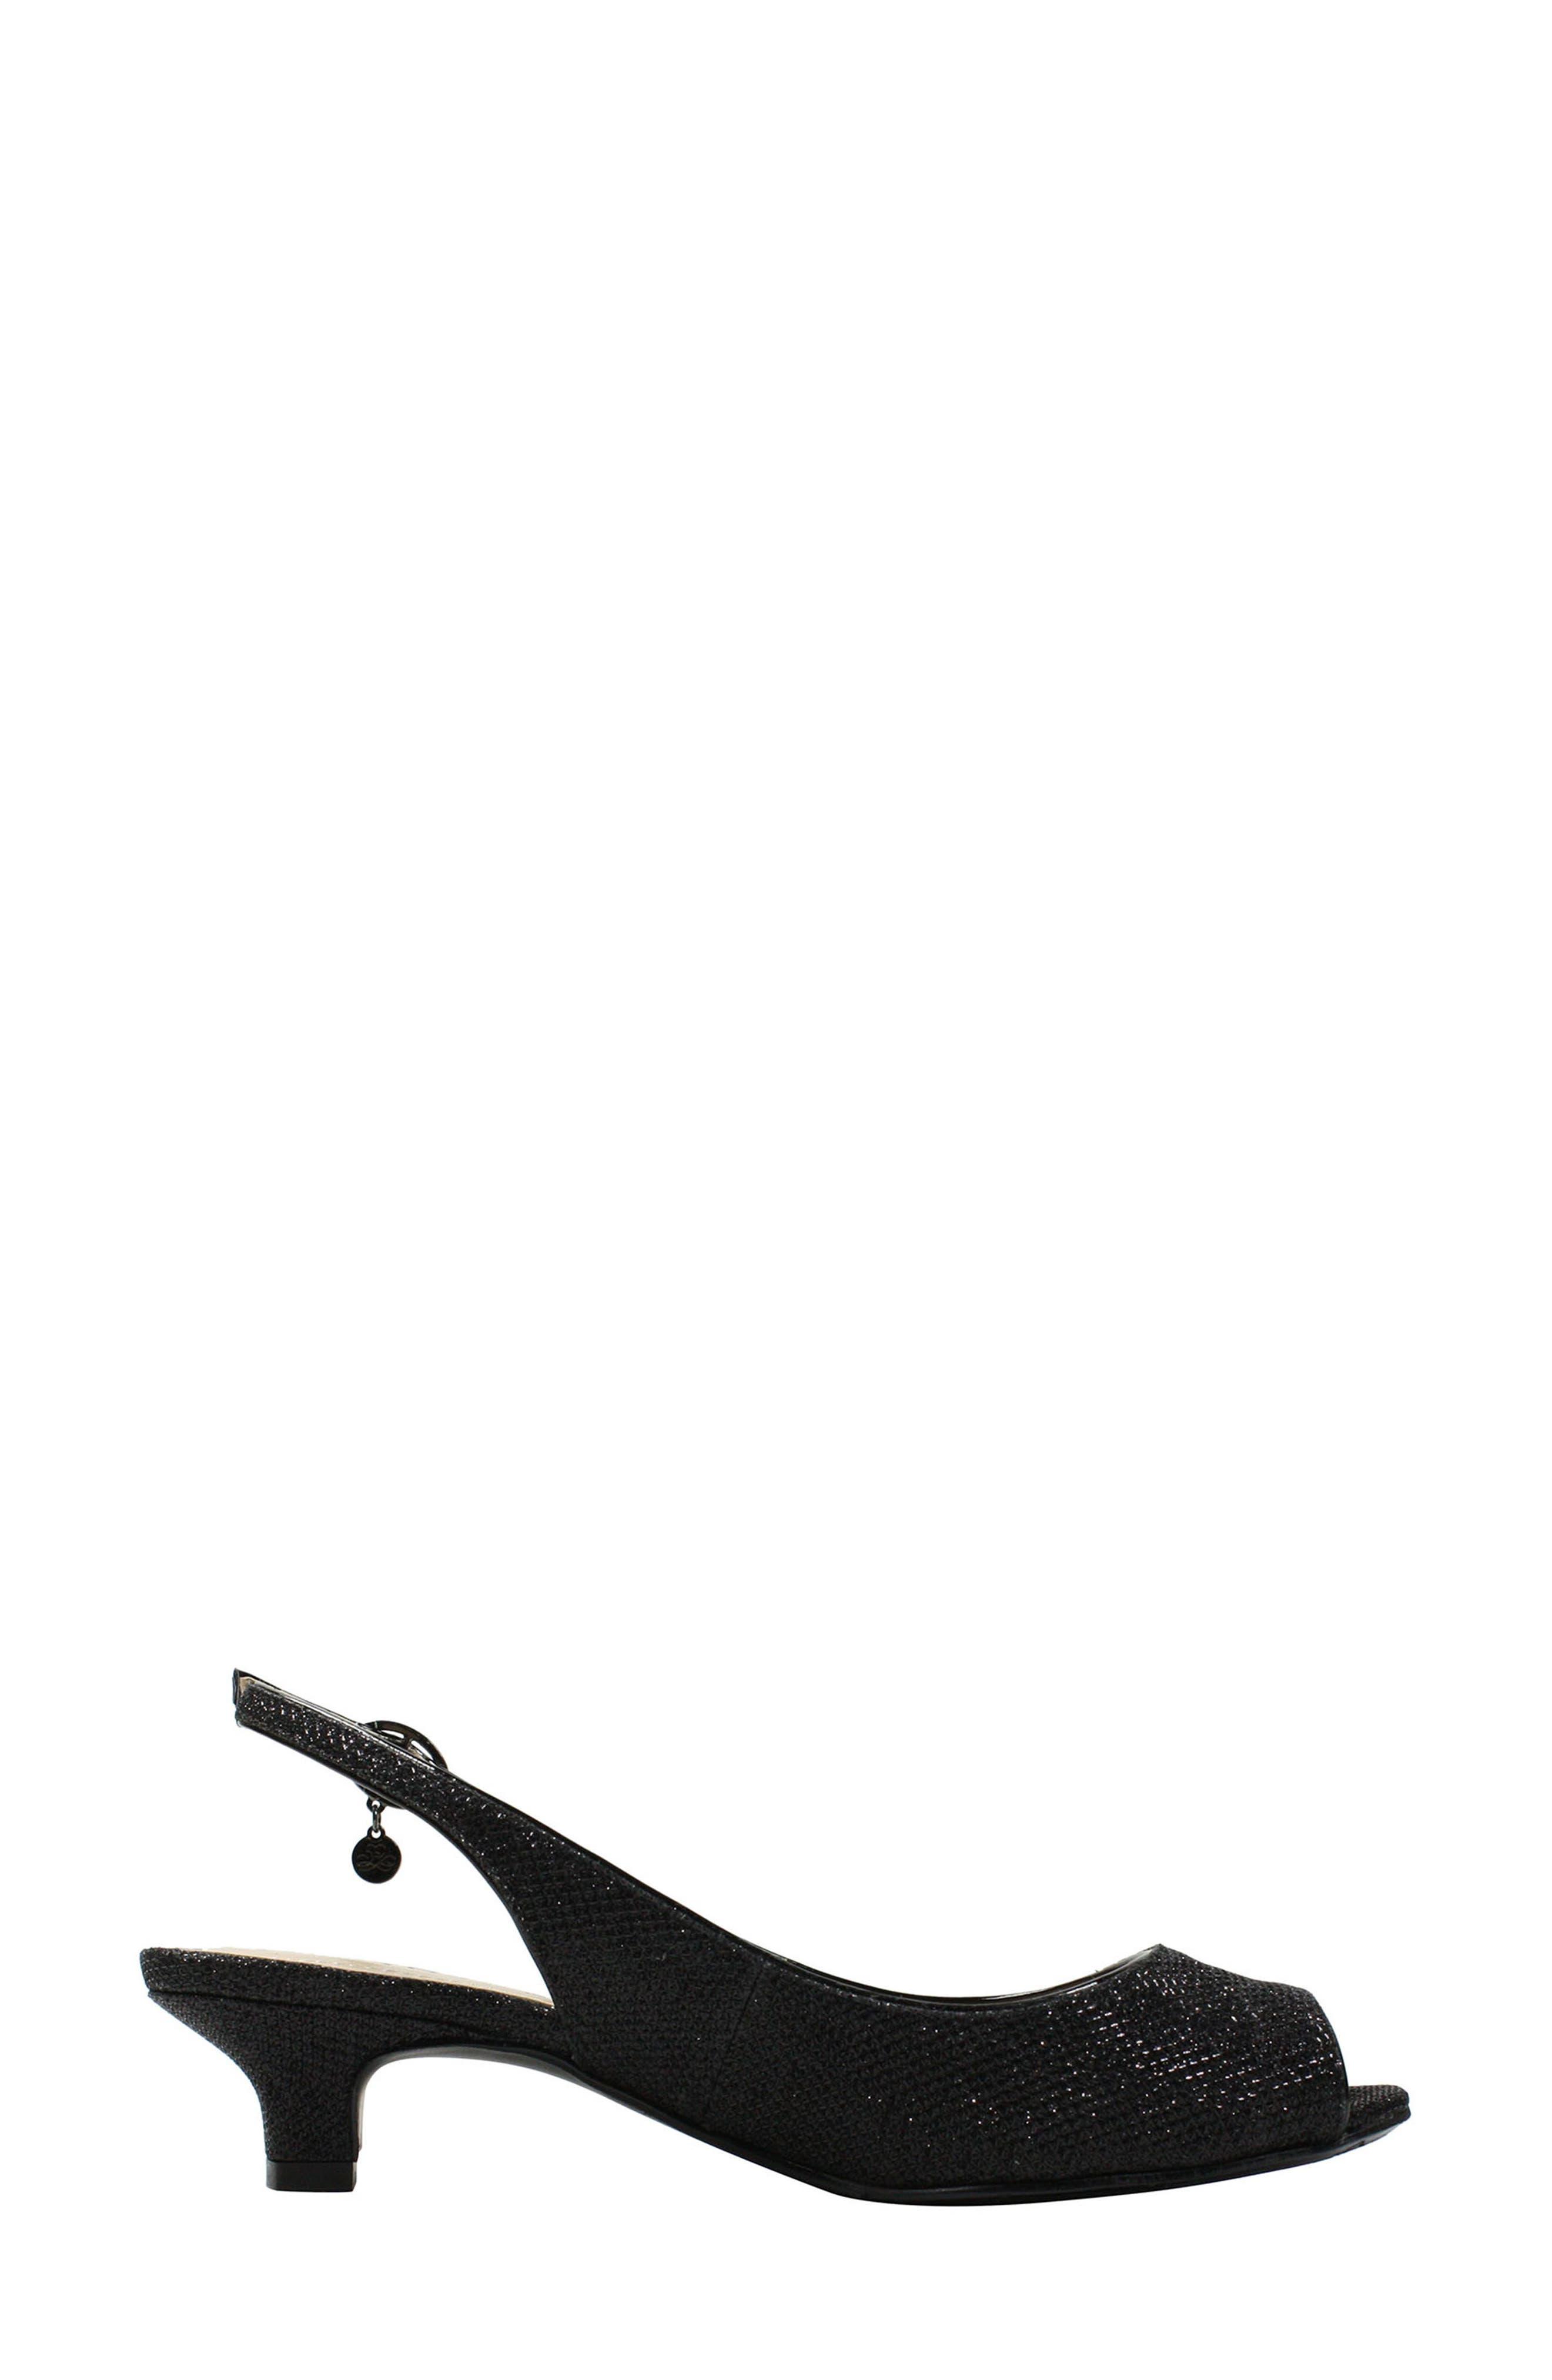 Jenvey Slingback Sandal,                             Alternate thumbnail 2, color,                             Black Fabric